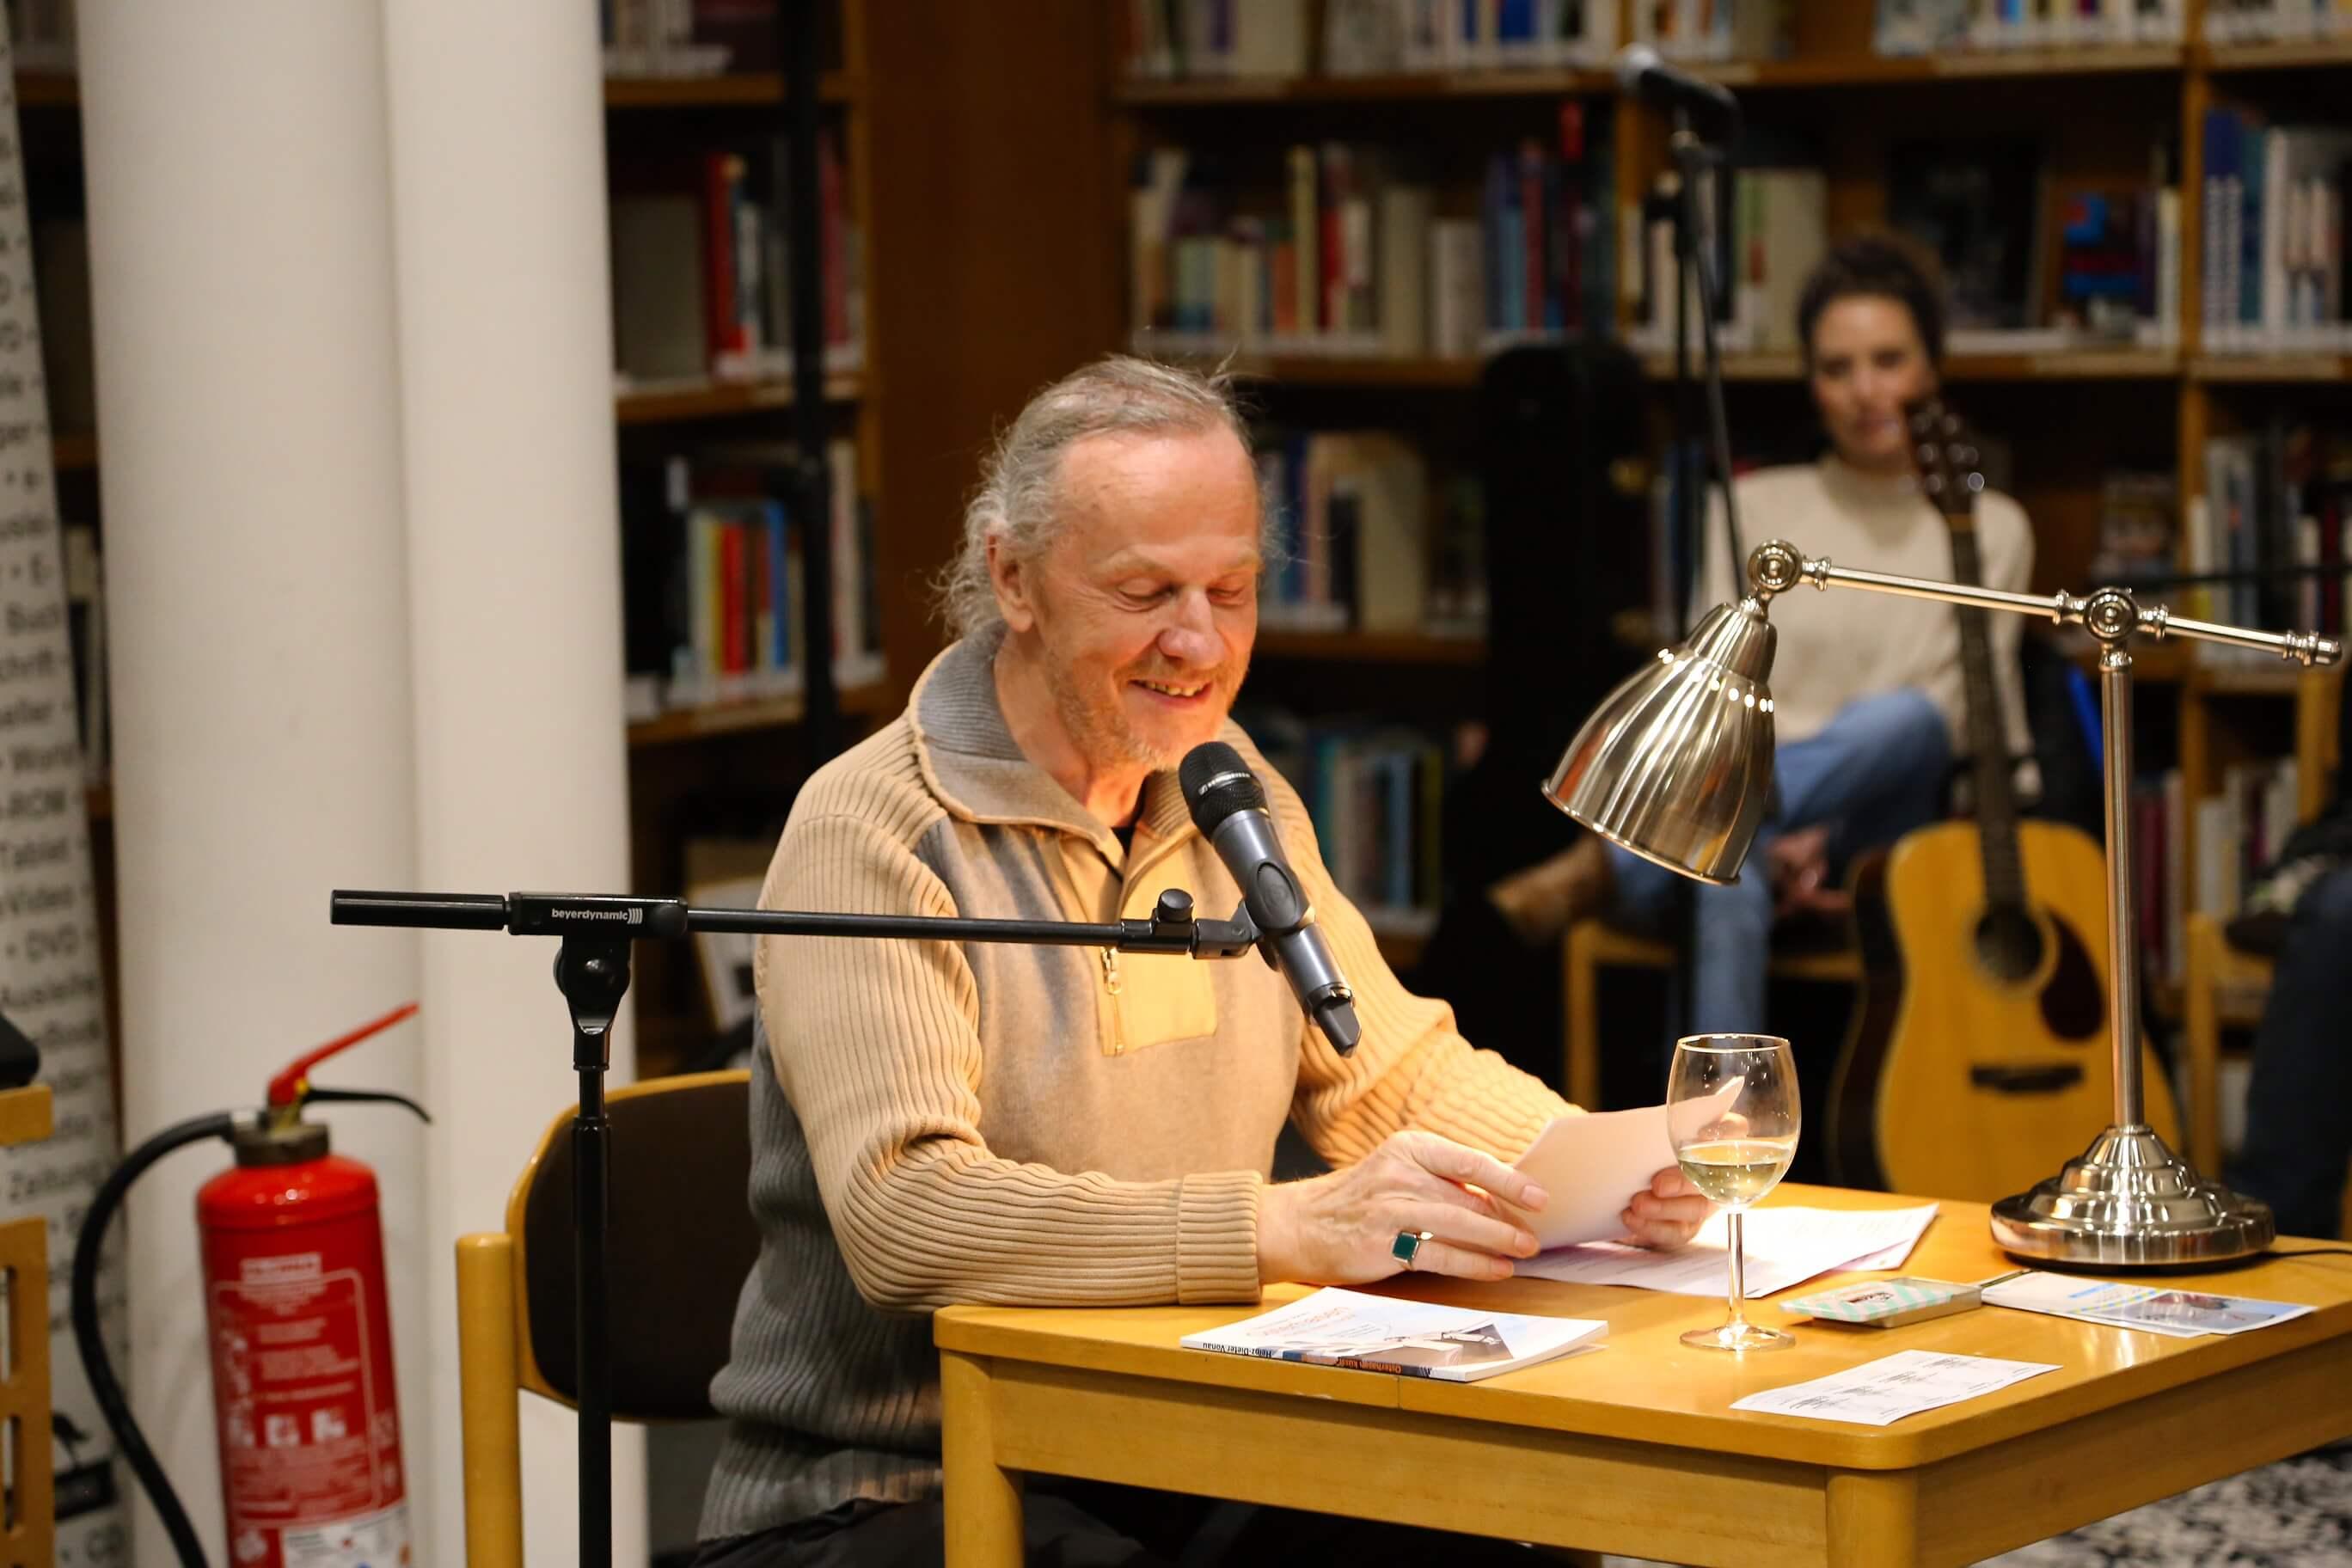 Hans-Dieter Vornau